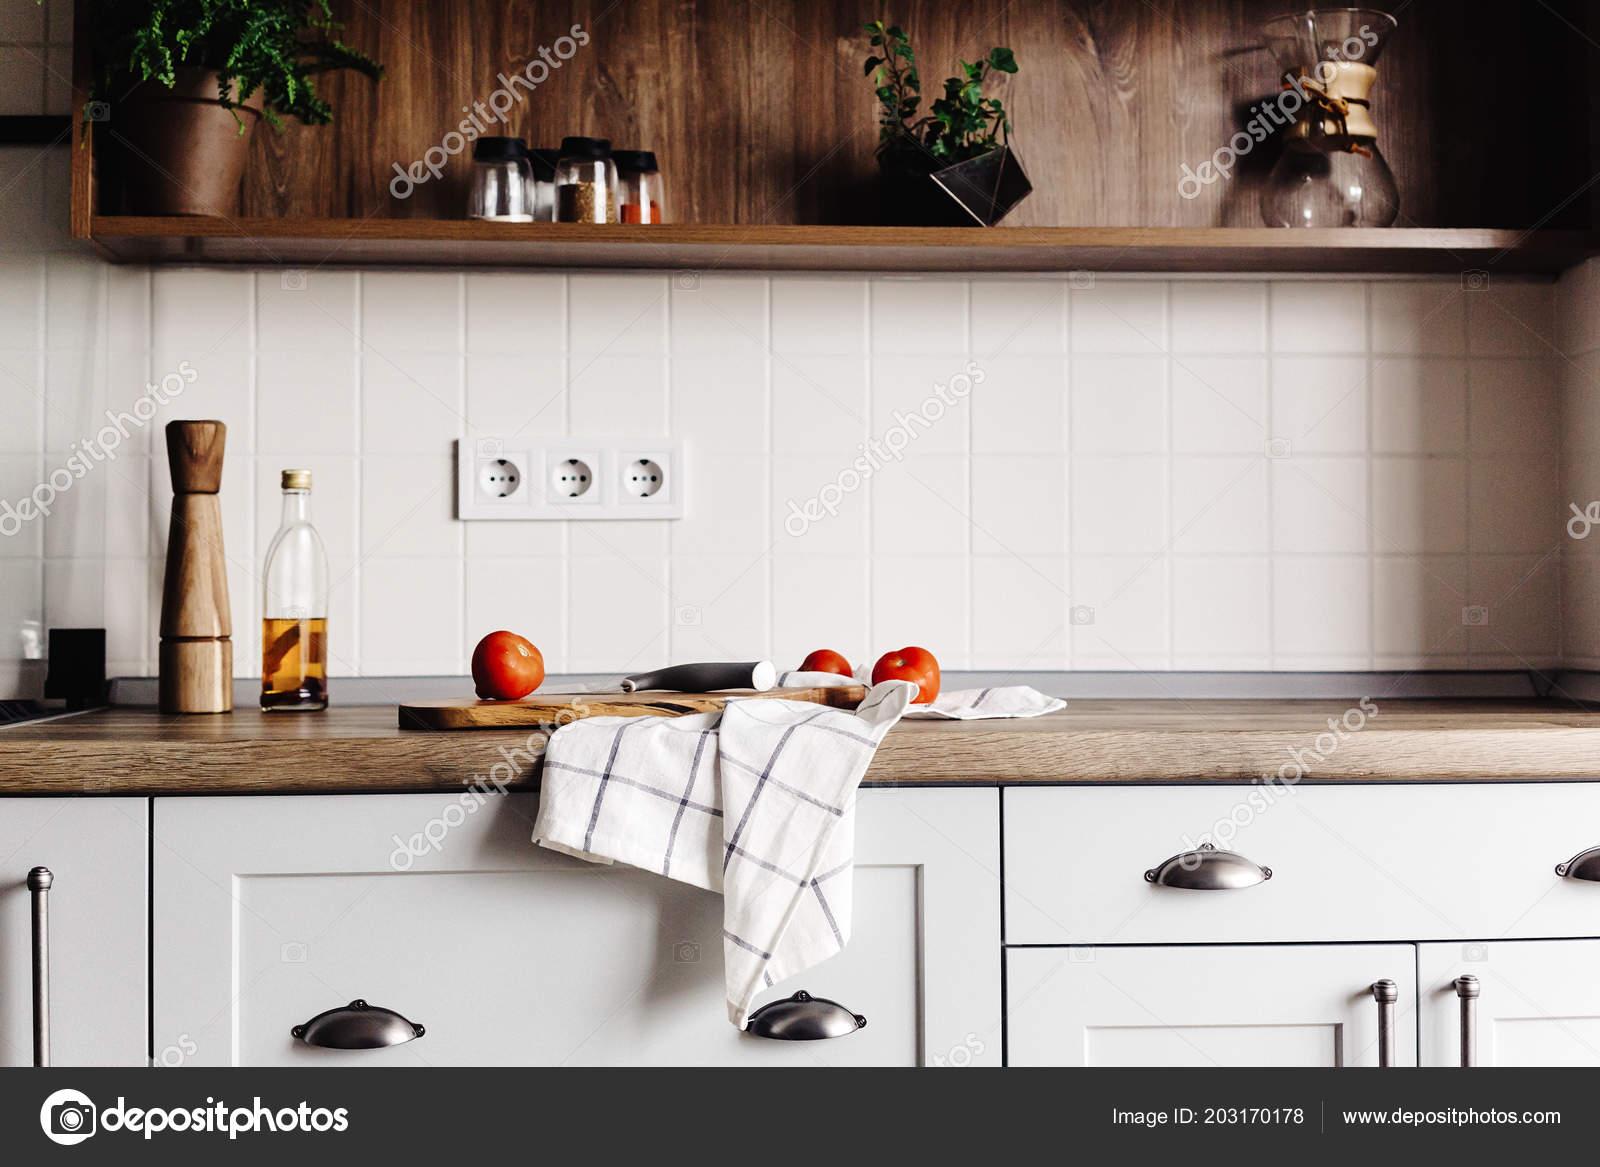 Houten plank met mes tomaten olijfolie moderne keuken countertop